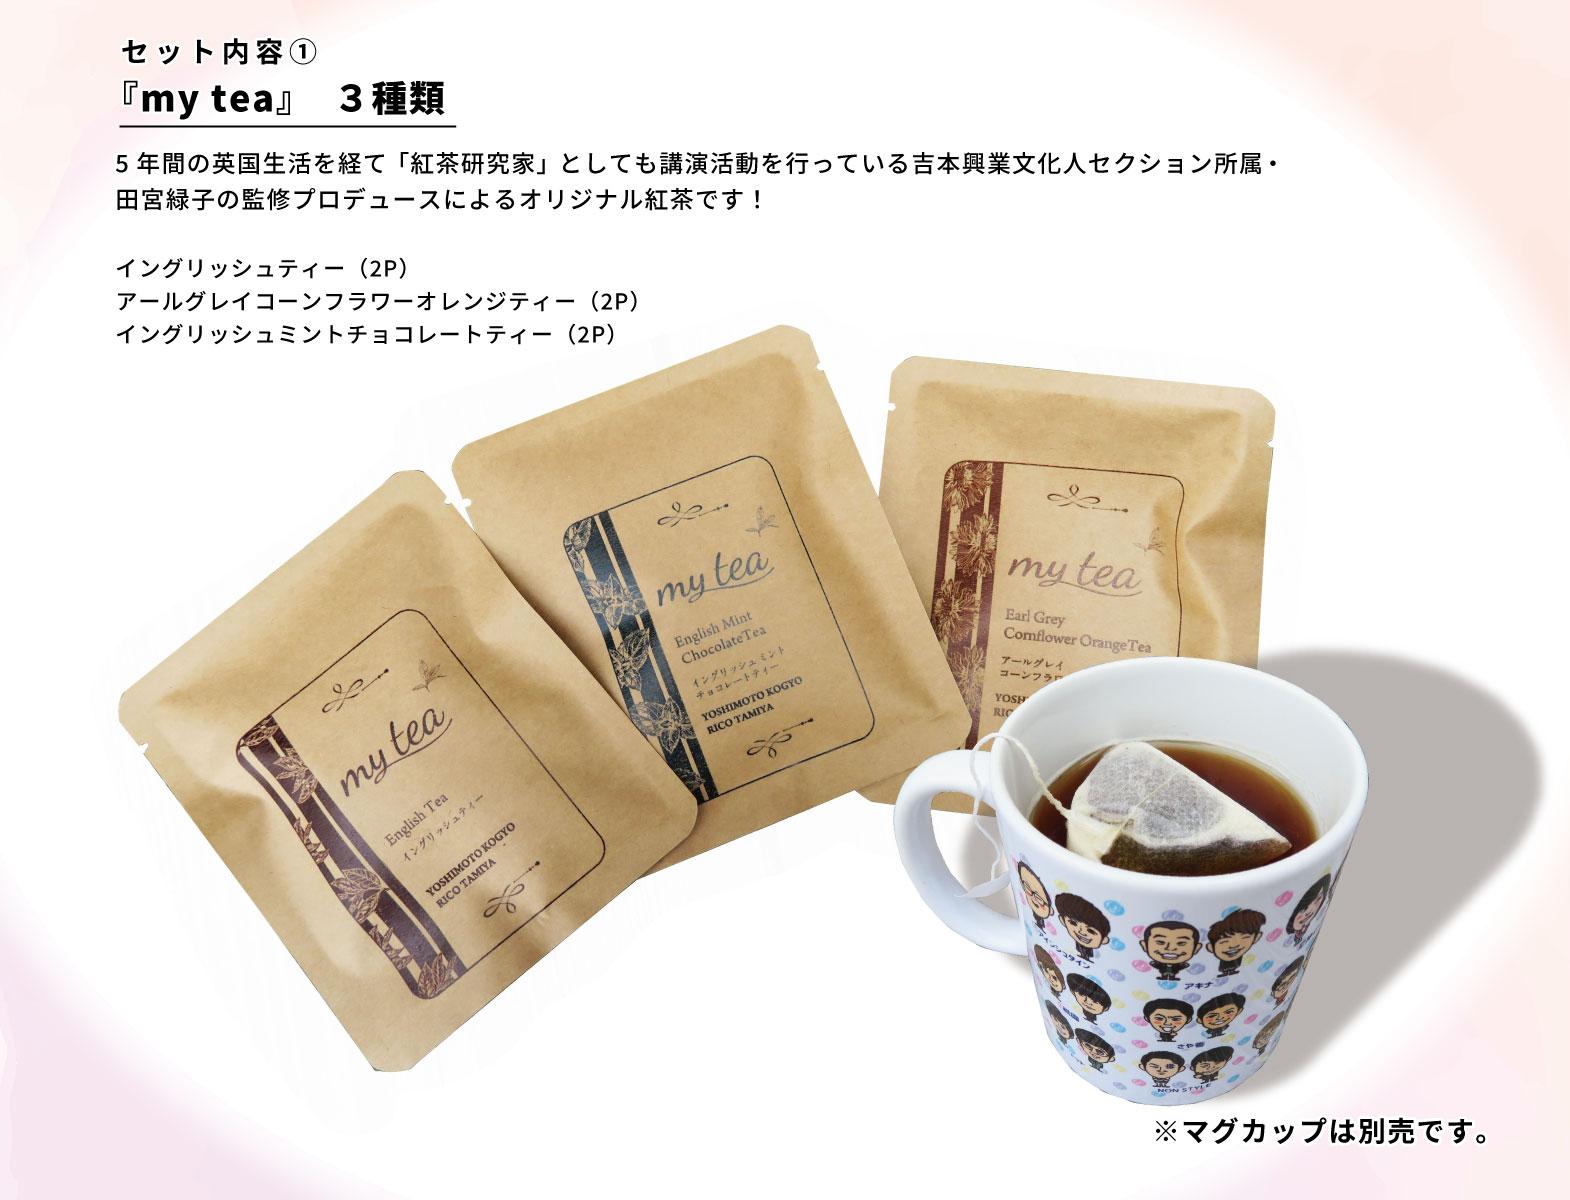 プチギフトにうれしい!よしもと芸人と過ごすお菓子&紅茶セット【ネコポス不可】